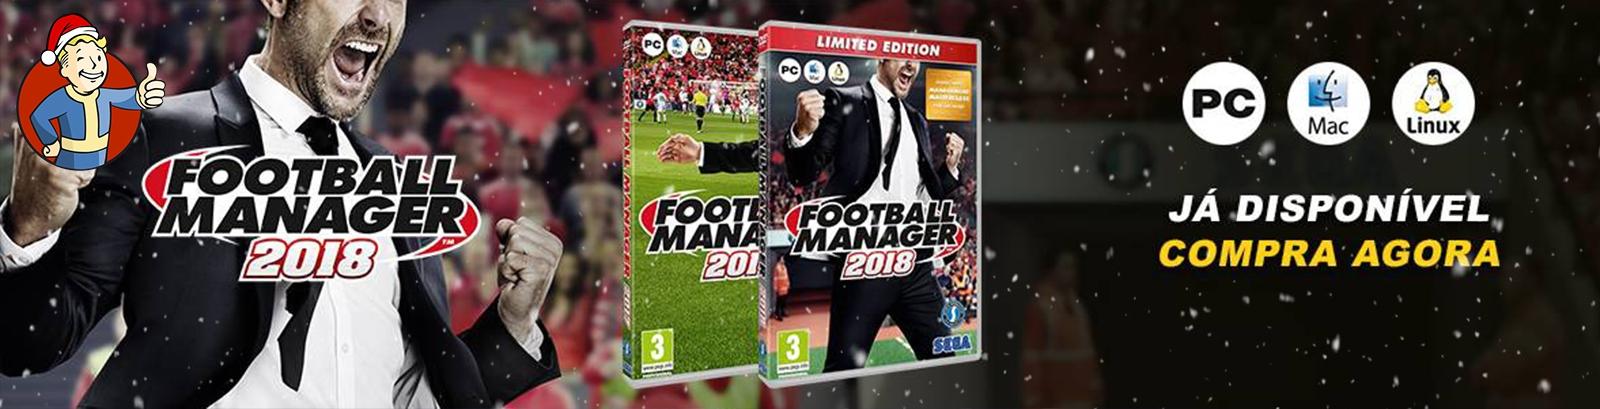 Football Manager 2018 - Já Disponível